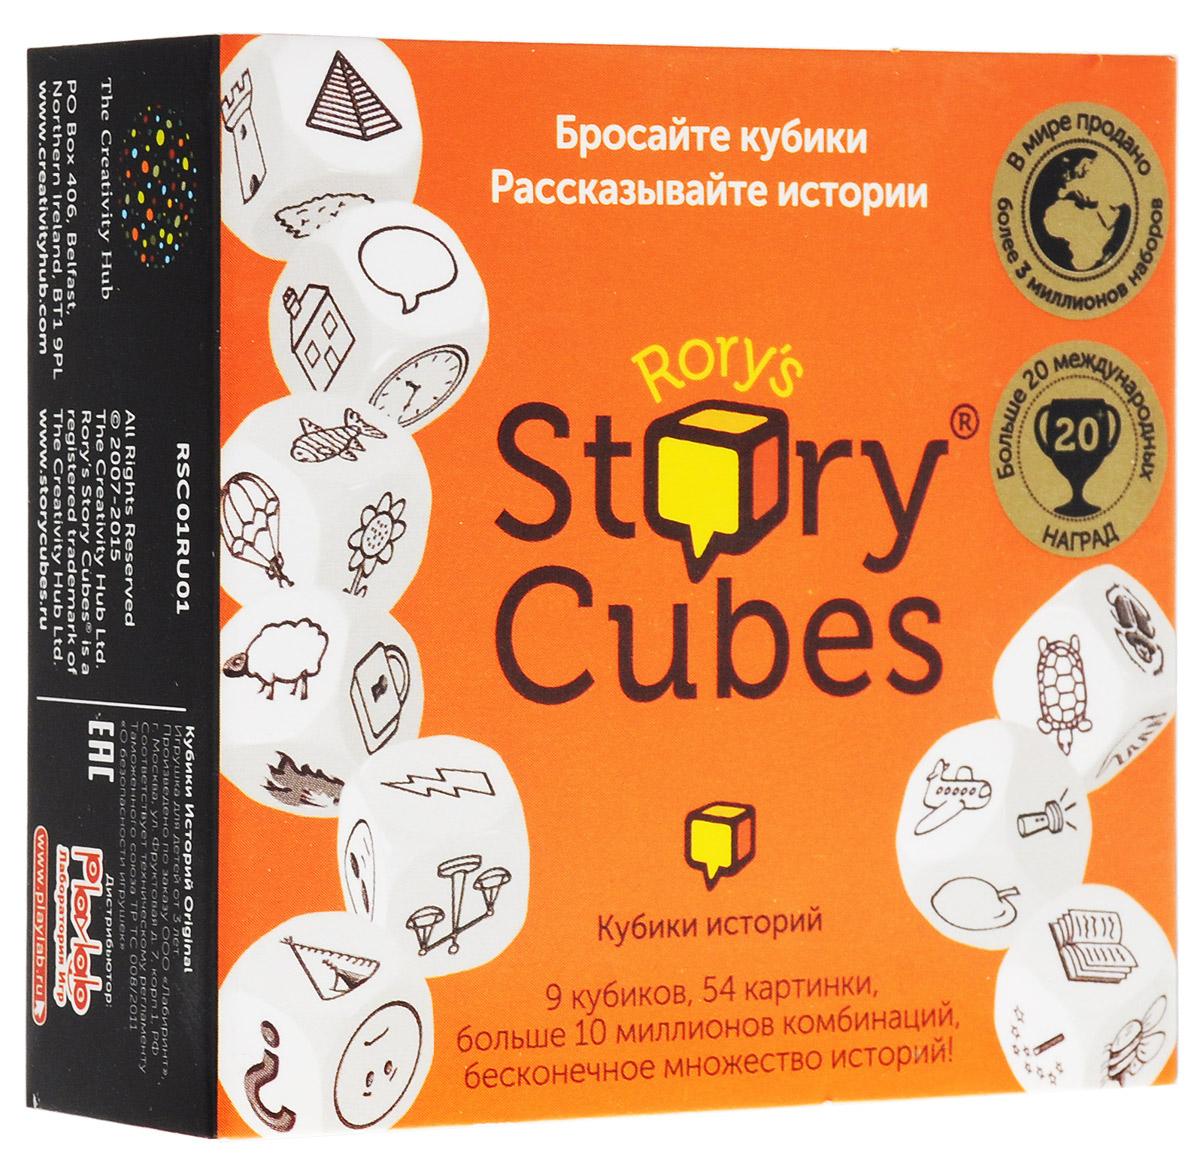 Story Cubes Игральные кубики OriginalRSC1RU01Игральные кубики Story Cubes Original - это уникальная игра для всей семьи, которая позволит вам стать рассказчиком историй, и придумать свою невероятную историю, насыщенную событиями и неожиданными поворотами. В эту игру можно играть одному или в компании, а самое главное - здесь не бывает проигравших! Выбрасывайте 9 кубиков на стол, и со слова Однажды… начинайте свою историю, которая должна связывать изображения на всех 9 кубиках, начиная с того, который первым привлек ваше внимание. Здесь нет неправильных ответов! Для игры в большой компании можно попробовать следующий вариант: игроки выбрасывают по 1 кубику по очереди, добавляя к уже сформированной истории свою часть рассказа. В качестве усложнения можно договориться о жанре рассказа, например это может быть триллер, путевые заметки иностранца в России, один день из жизни супер-героя. Придумайте свои правила и играйте. Также, кубики историй могут стать великолепным пособием для изучения...